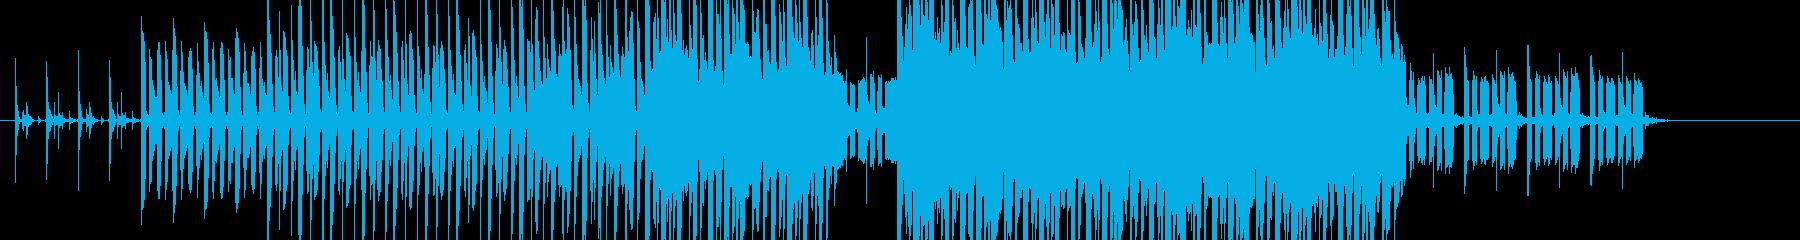 不気味で慌ただしい感じのテクノの再生済みの波形